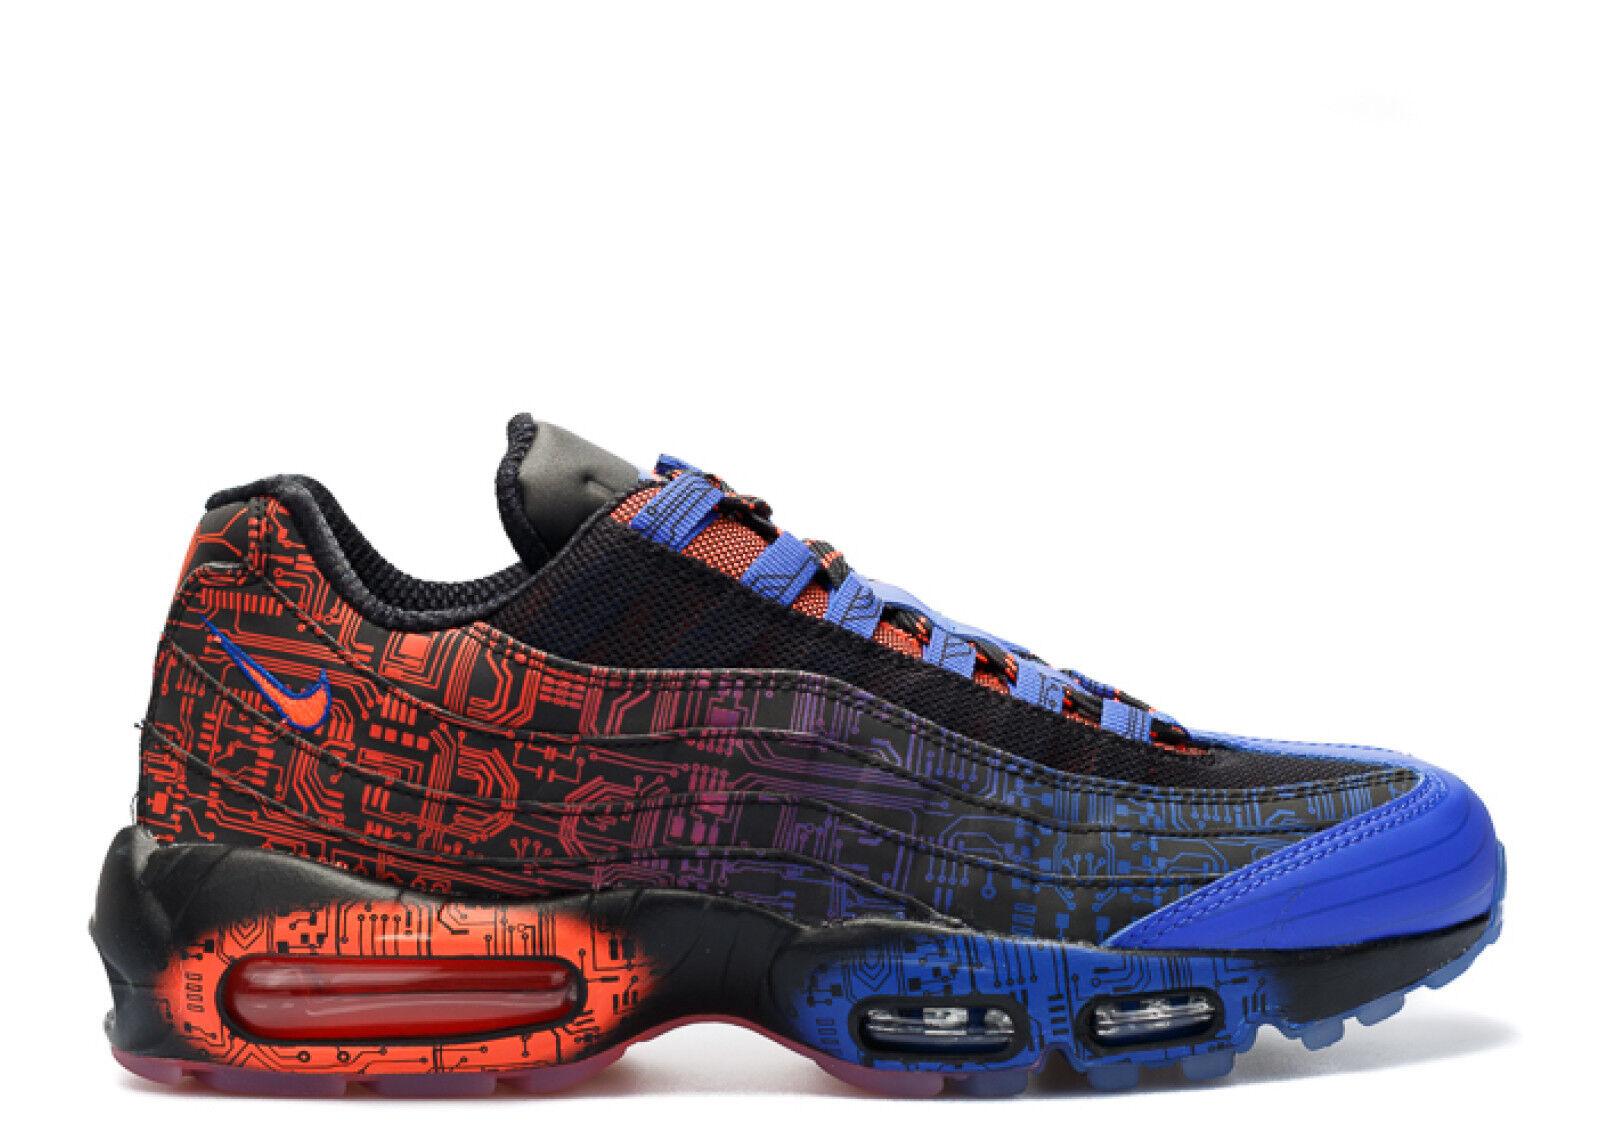 03de31f859ea Nike Air Max 95 Jordan Doernbecher UK8/EU42.5 USA import import import avec  Fligh Club Tag 5c19f2